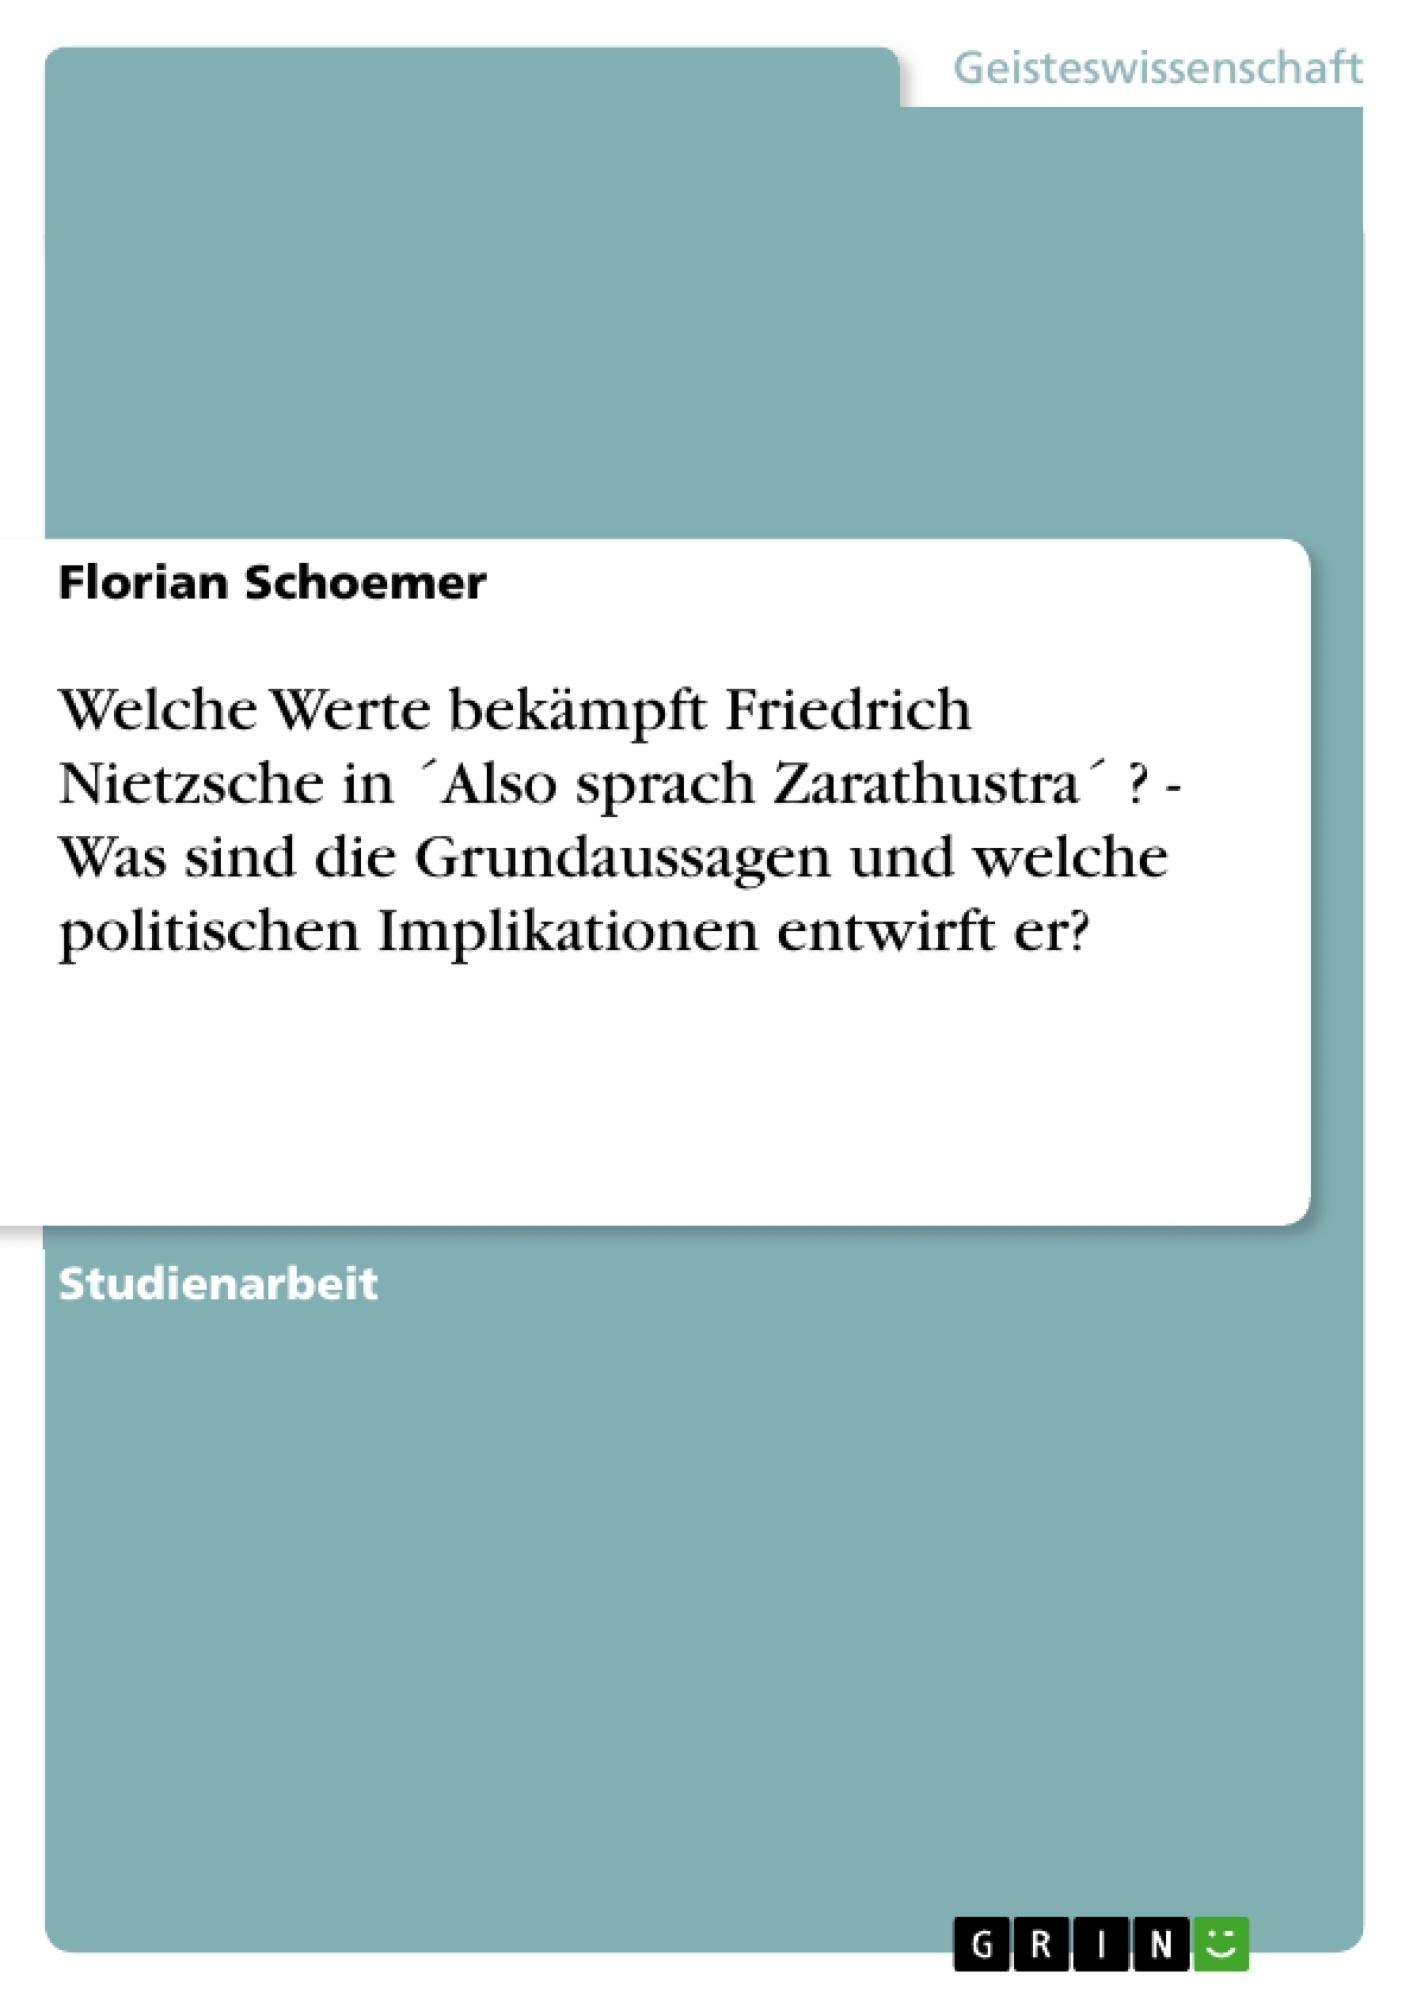 Titel: Welche Werte bekämpft Friedrich Nietzsche  in ´Also sprach Zarathustra´ ? -  Was sind die Grundaussagen und welche politischen Implikationen entwirft er?